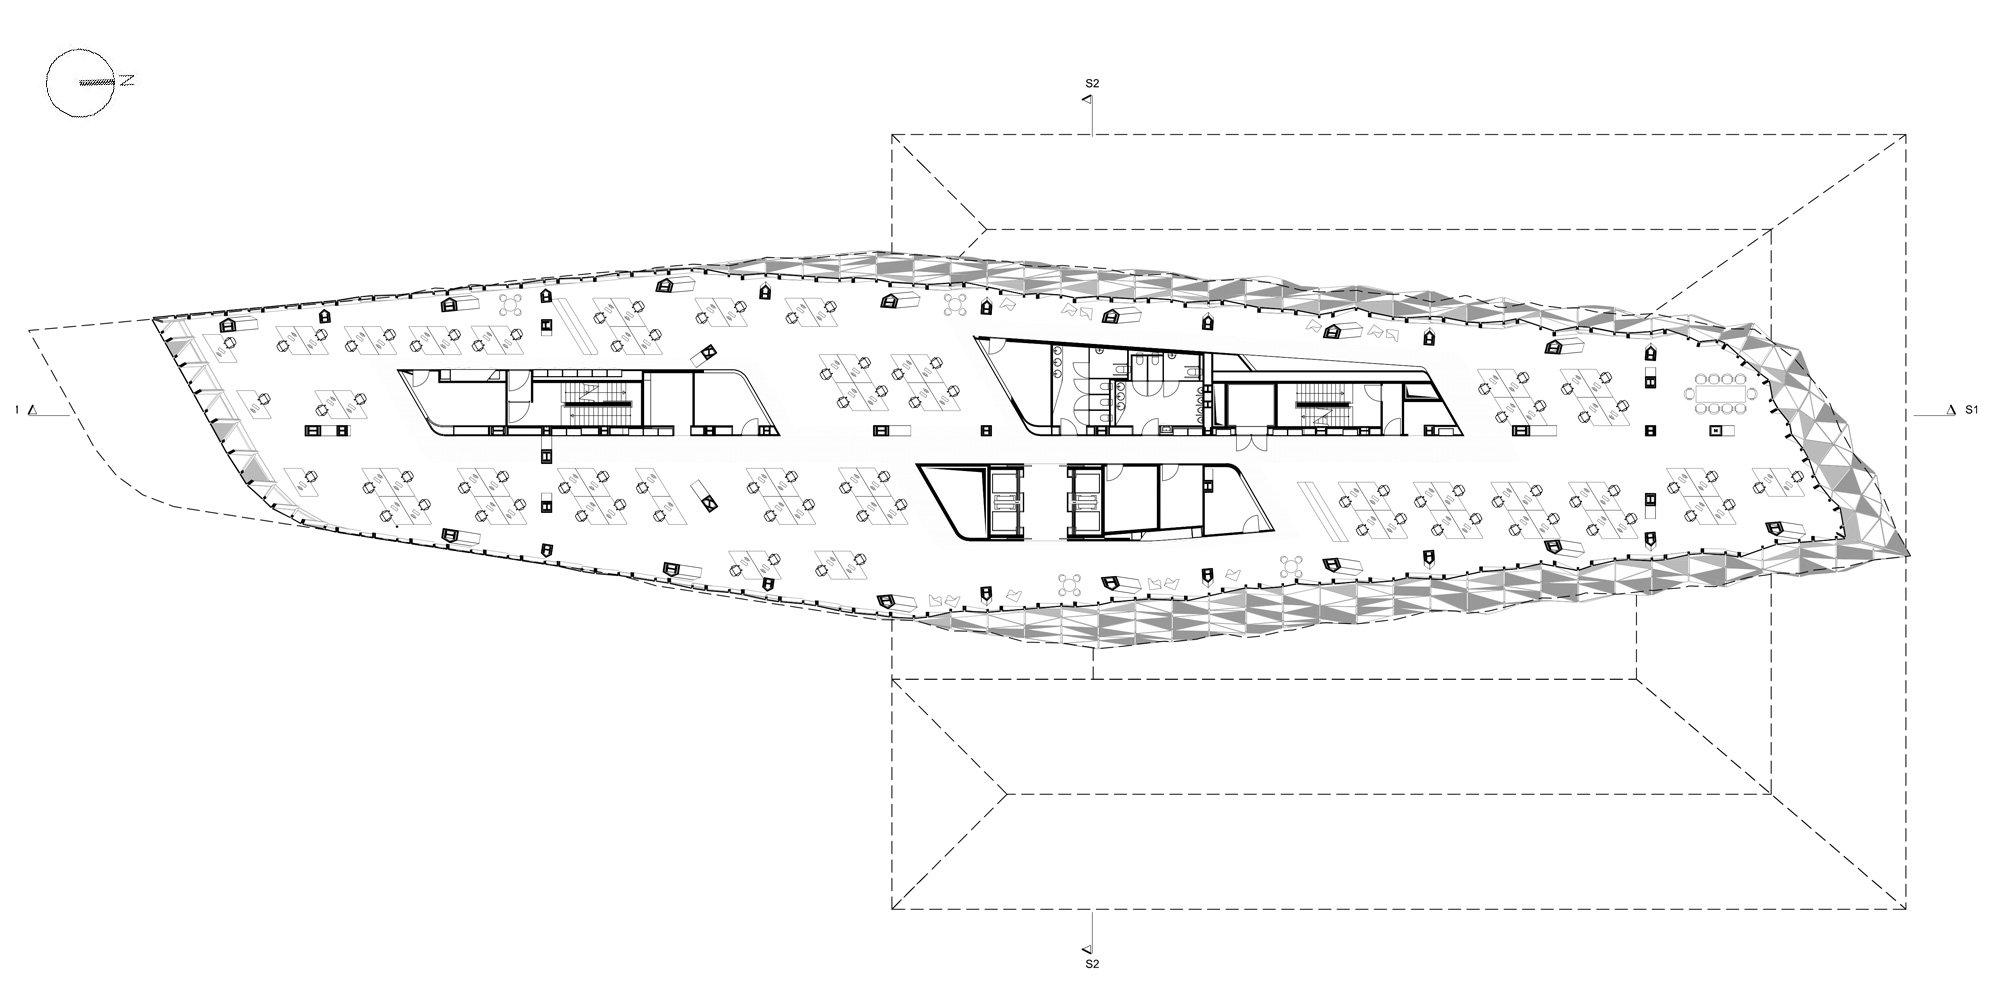 Pianta livello 8 © Zaha Hadid Architects